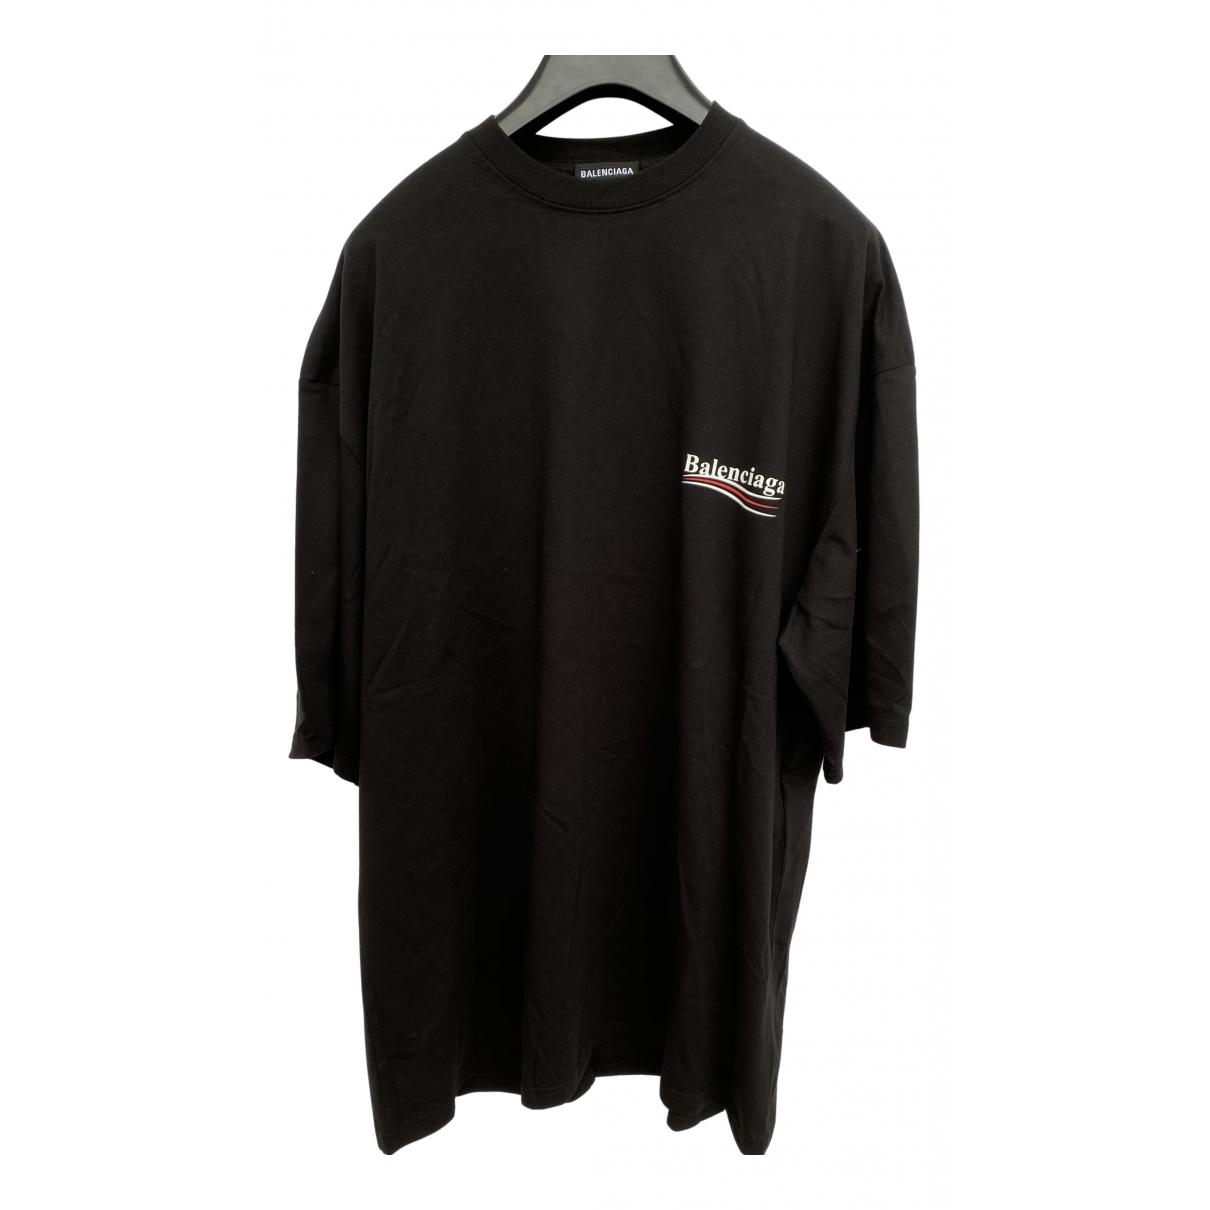 Balenciaga - Tee shirts   pour homme en coton - noir